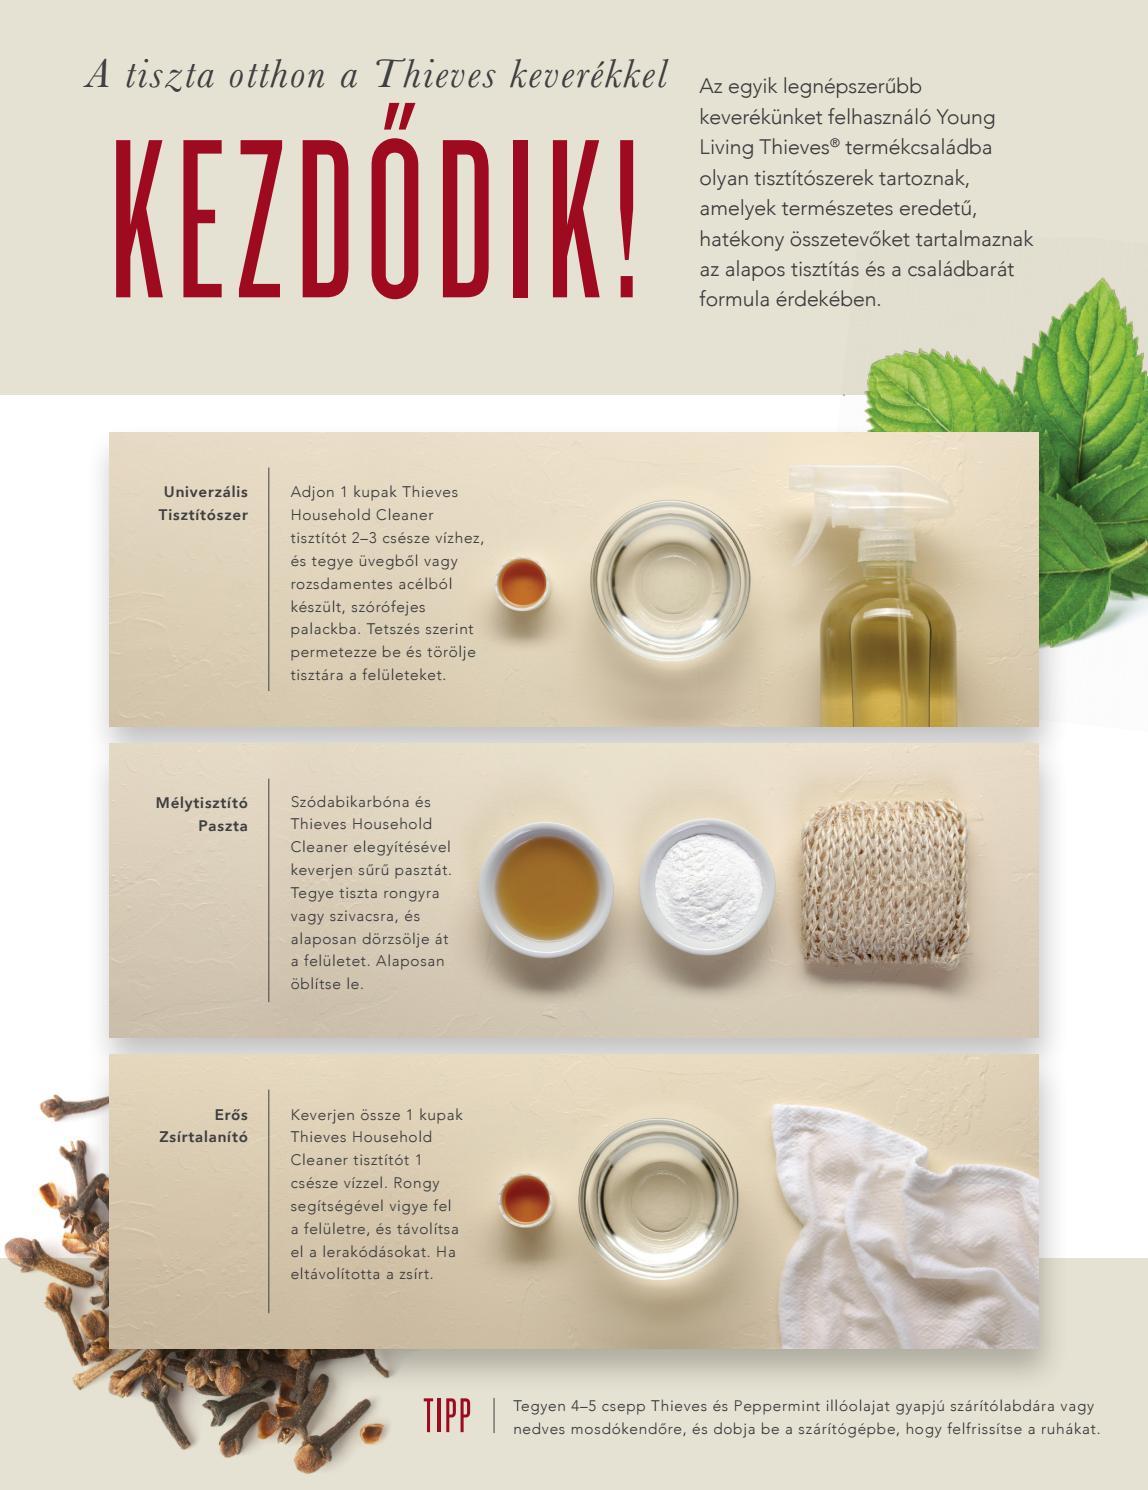 tea távolítsa el a zsírt eco slim werkt niet